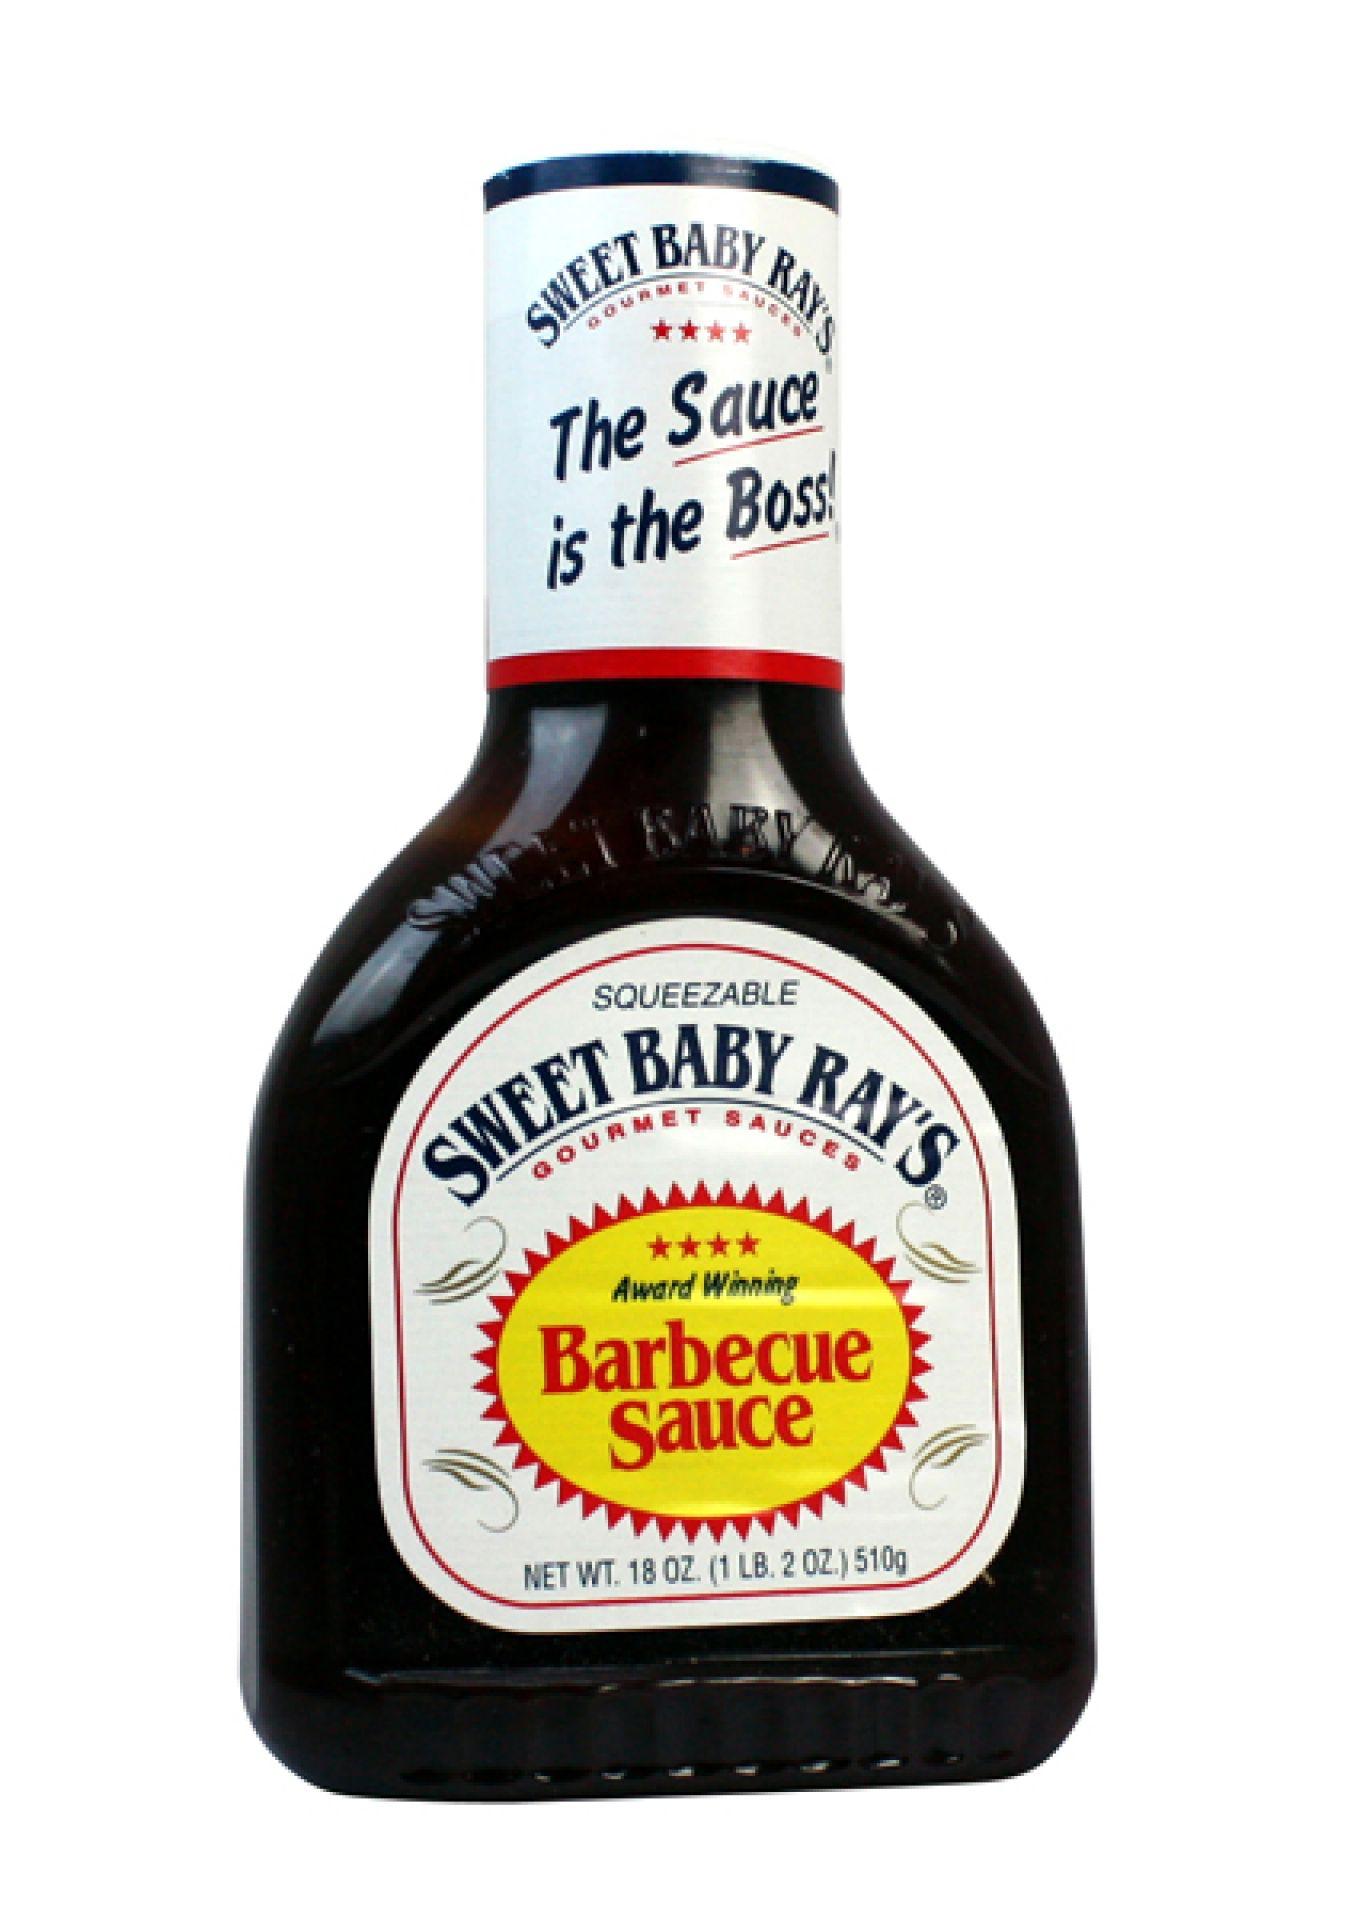 Sweet Baby Rays BBQ Sauce Original